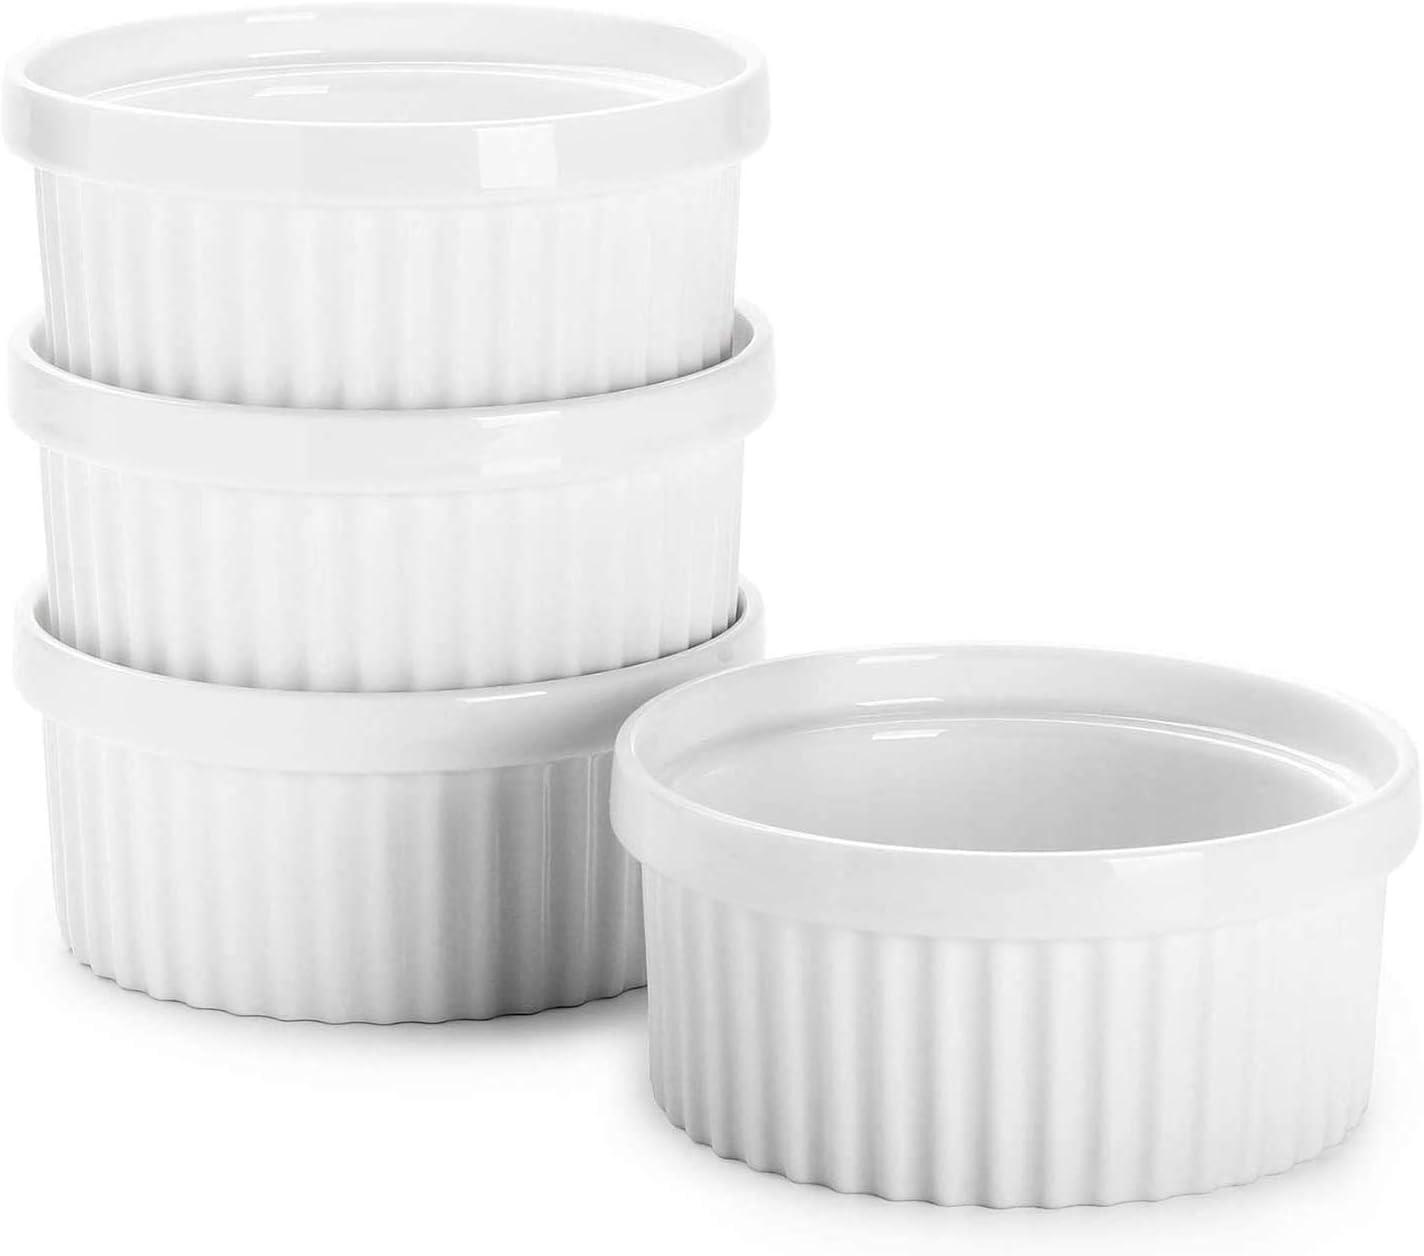 32 Oz 1 Quart Large Ceramic Oven Safe Round Souffle Dish Ramekins for Baking